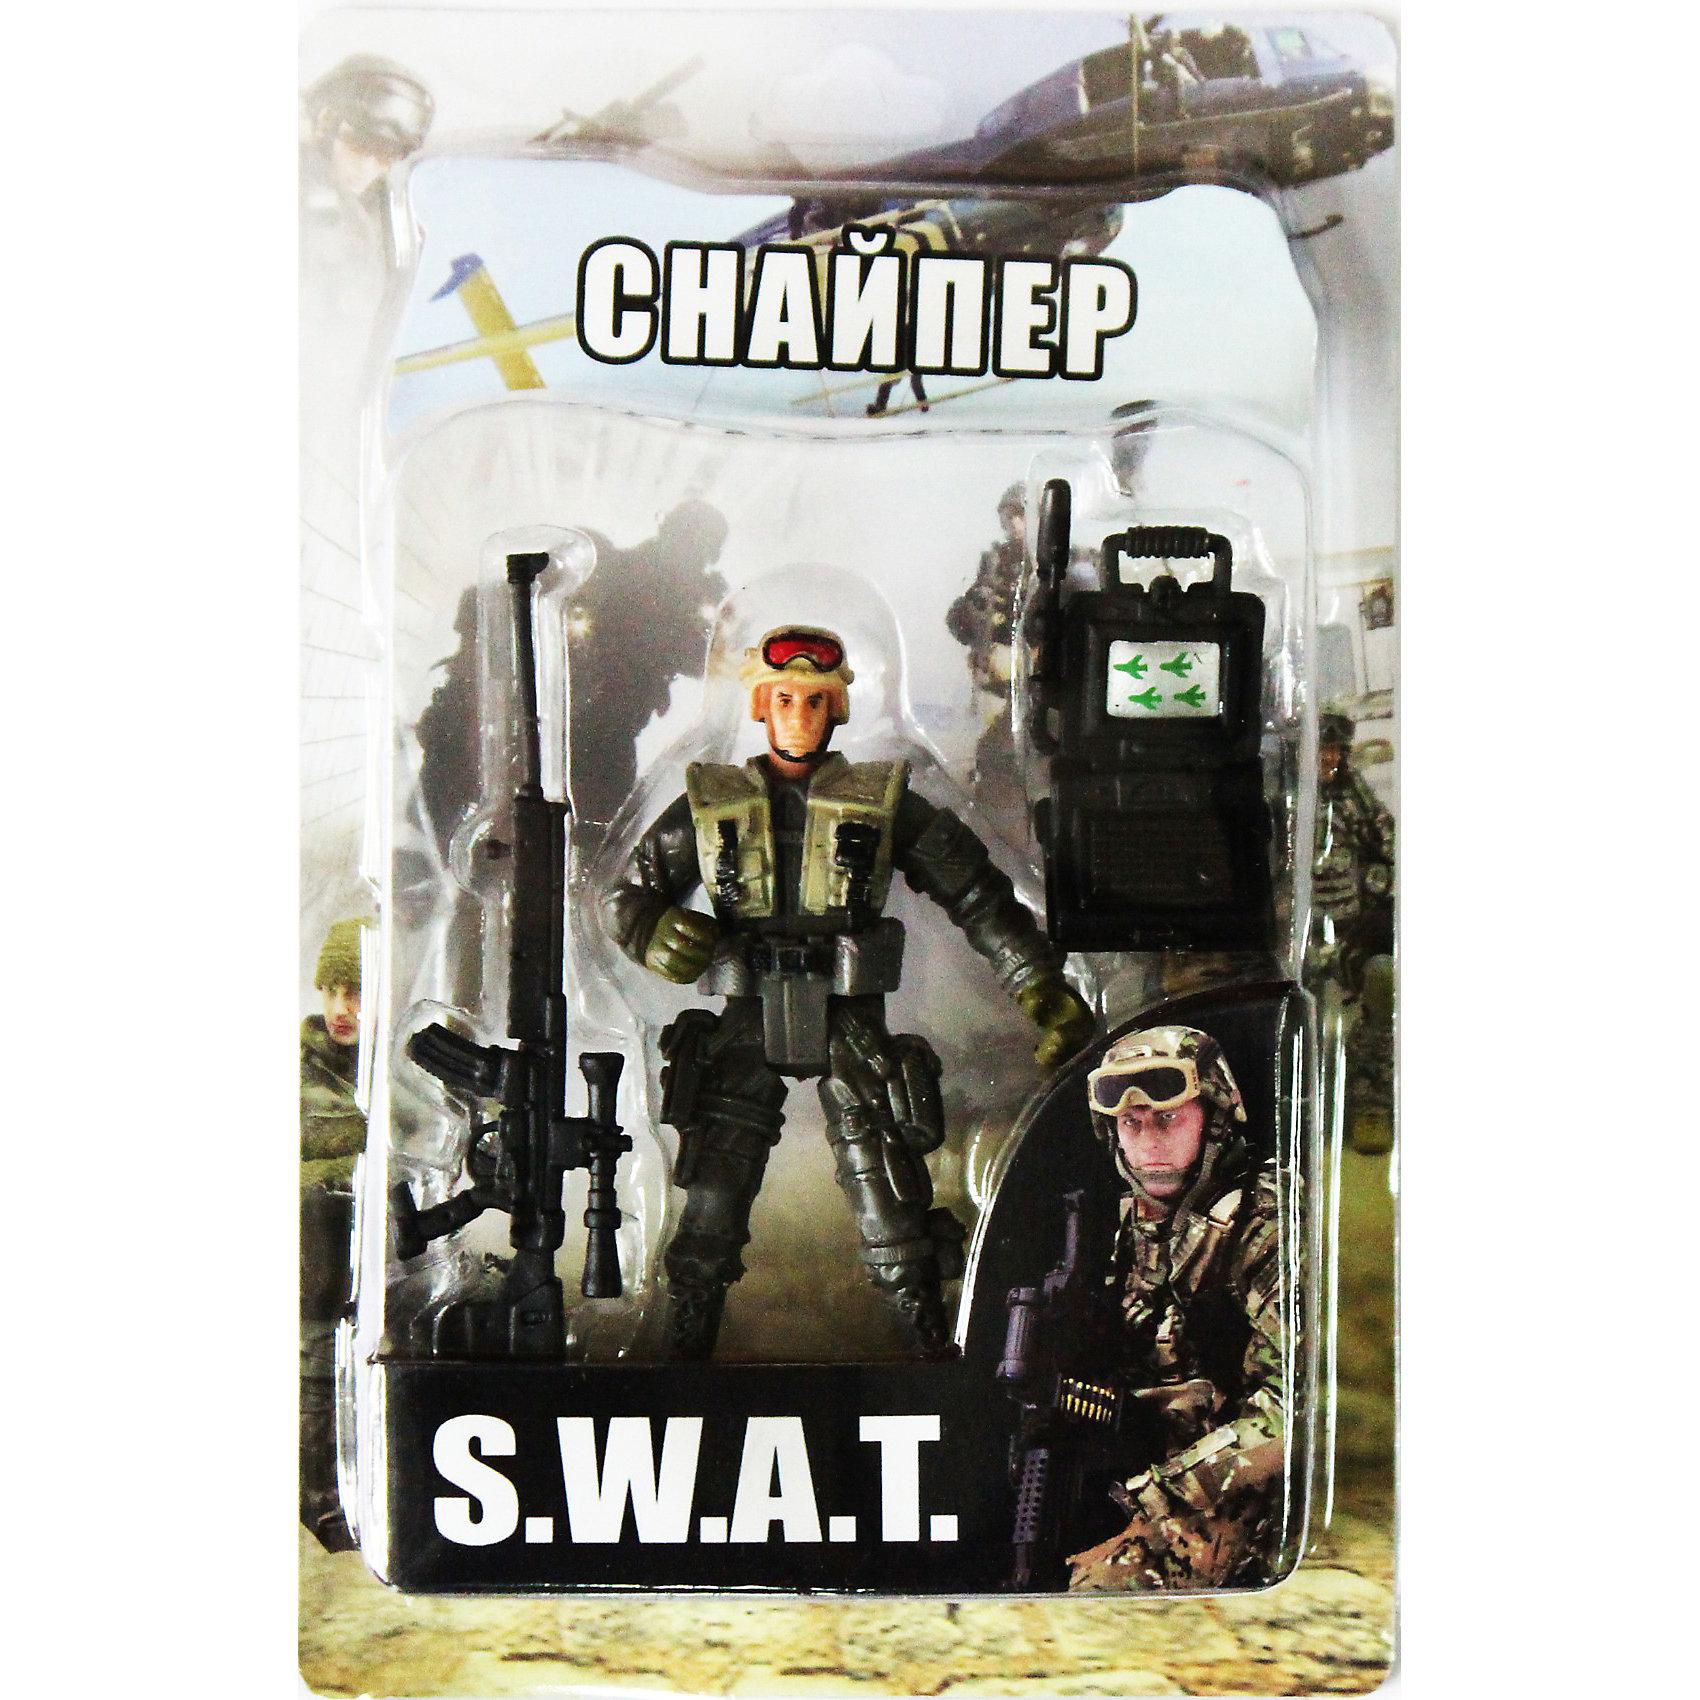 Фигурка Снайпер. Отряд SWATСолдатики и рыцари<br>Все мальчишки любят играть в войн и солдатиков, а когда это бойцы спецподразделения SWAT (Special Weapons and Tactics), игра становится еще более интересной. Цель бойцов спецназа - обеспечение огневой мощи в ходе специальных операций в ситуациях, характеризующихся высокой степенью риска, где специальная тактика необходима для минимизации потерь.<br>Снайпер - специально обученный боец, который в совершенстве владеет искусством меткой стрельбы, маскировки и наблюдения. Снайпер обычно поражает цель с первого выстрела.<br><br>Дополнительная информация:<br><br>- высота: около 10 см<br>- у фигурки подвижные руки и ноги<br>- размер упаковки: 14 х 20 х 4 см<br>- материал: пластик<br>- в комплекте аксессуары: ноутбук и снайперская винтовка<br><br>Фигурку   Снайпера. Отряд SWAT можно купить в нашем магазине.<br><br>Ширина мм: 40<br>Глубина мм: 140<br>Высота мм: 200<br>Вес г: 200<br>Возраст от месяцев: 36<br>Возраст до месяцев: 120<br>Пол: Мужской<br>Возраст: Детский<br>SKU: 3730517